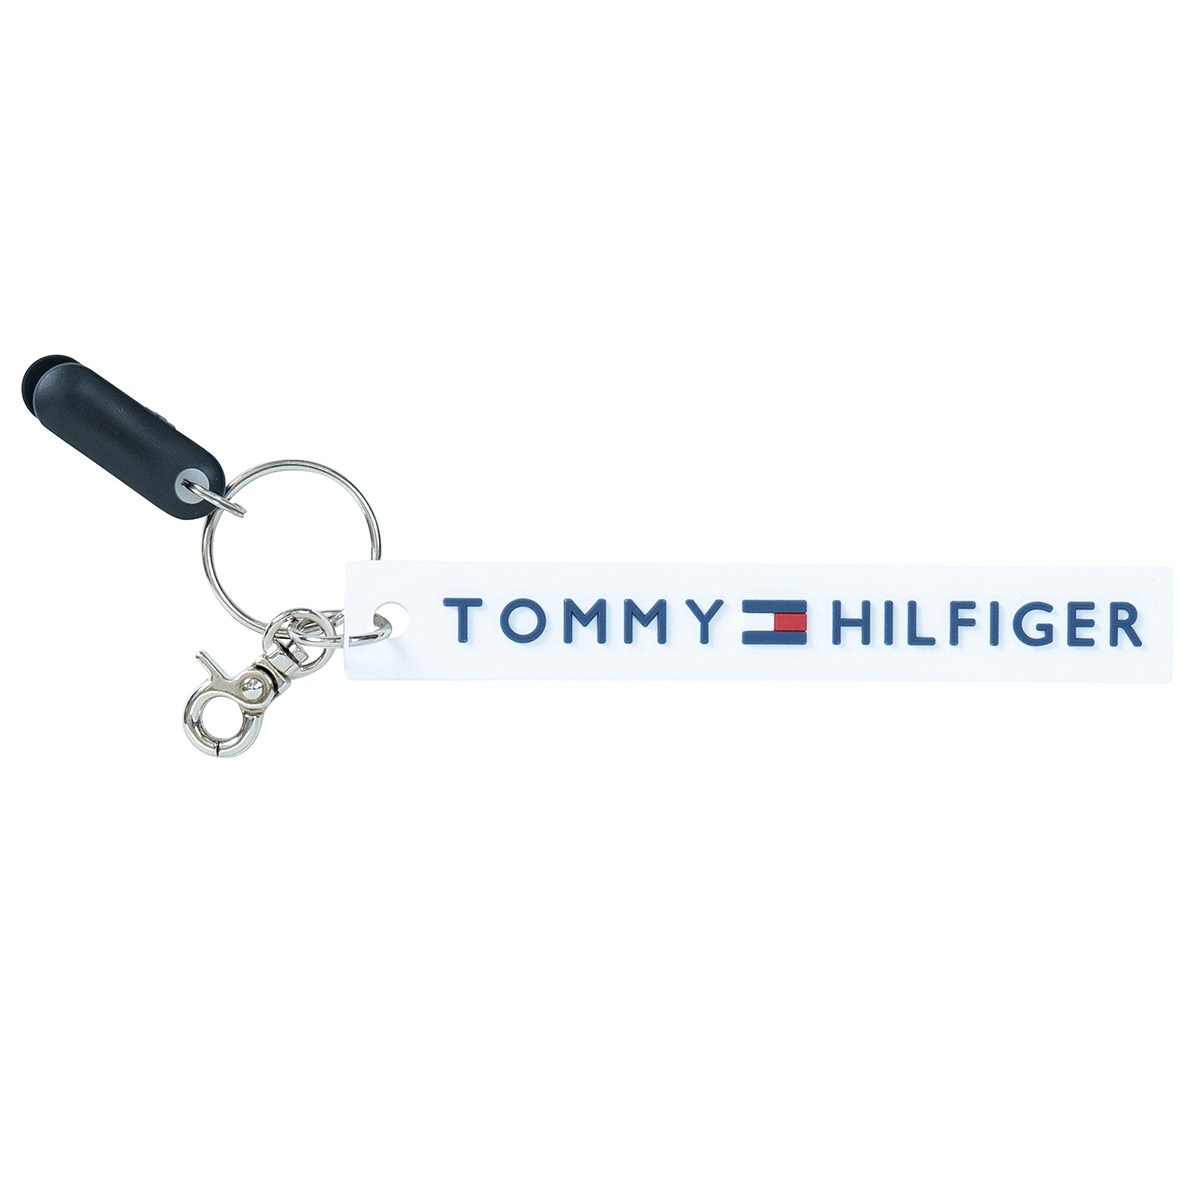 トミー ヒルフィガー ゴルフ TOMMY HILFIGER GOLF パターカバーキャッチャー&ネームプレート ホワイト 00